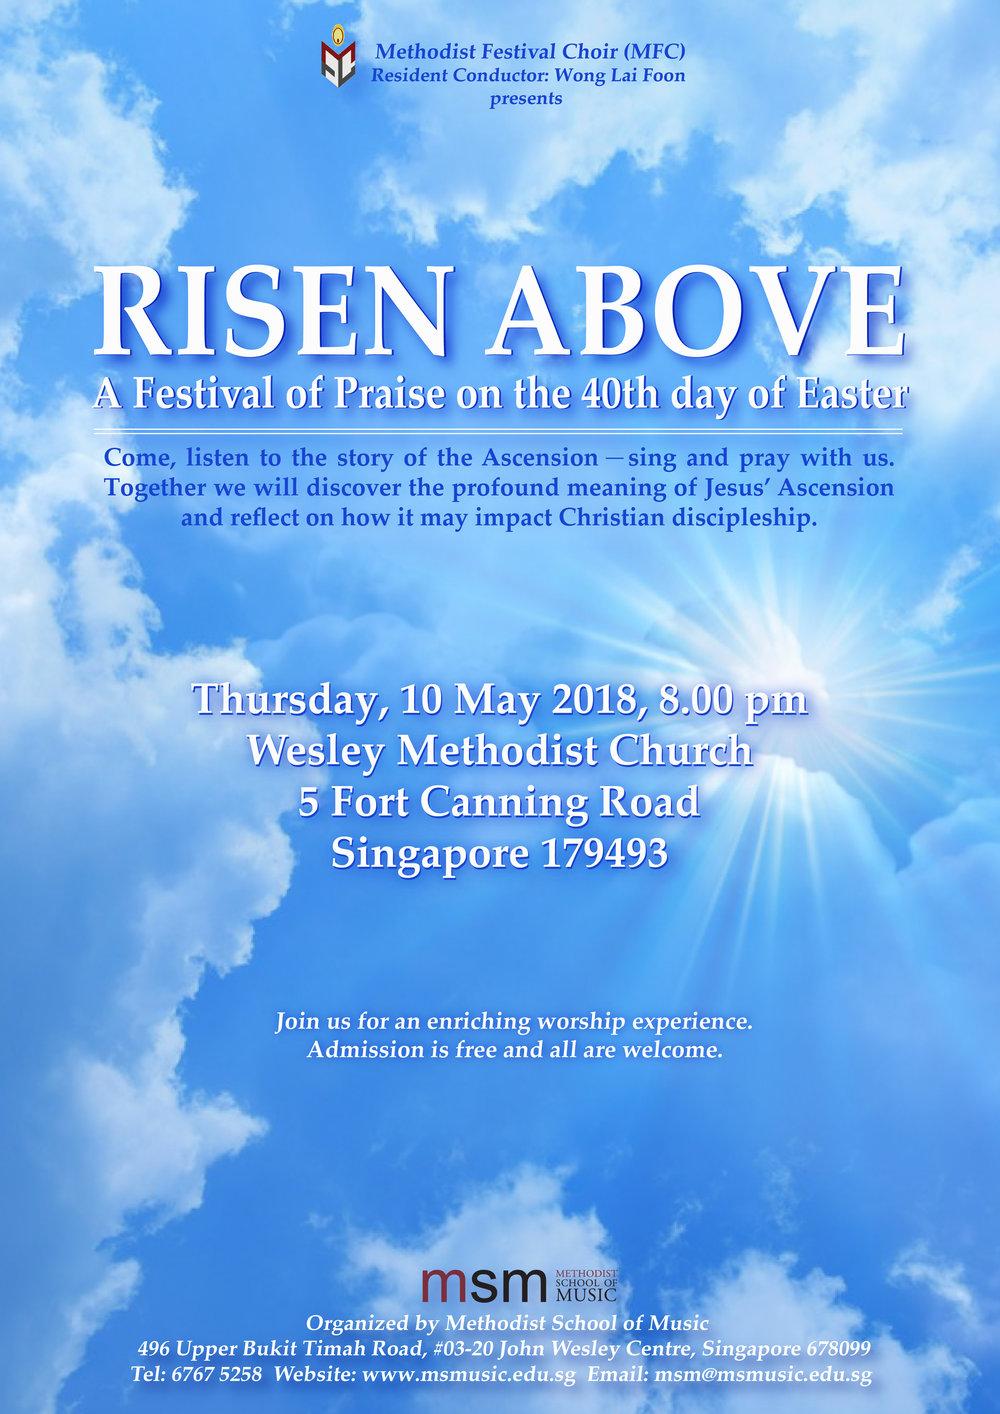 Risen-Above-Poster-01.jpg